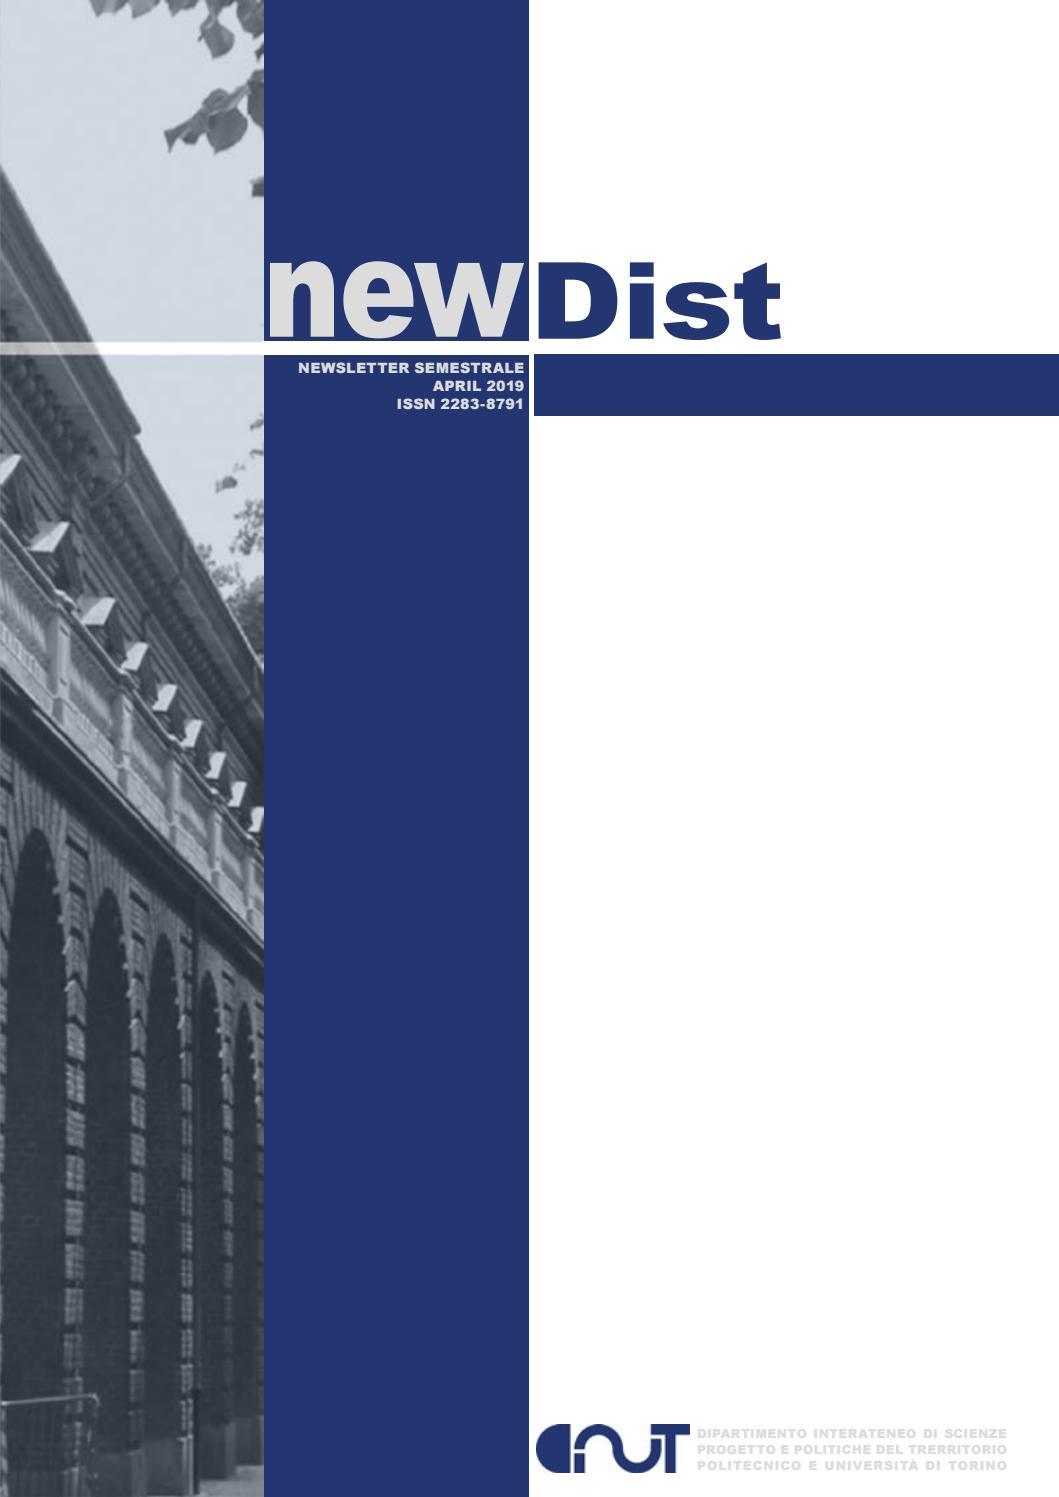 Studio Parisi E Associati Milano newdist april 2019 by dist politecnico di torino - issuu